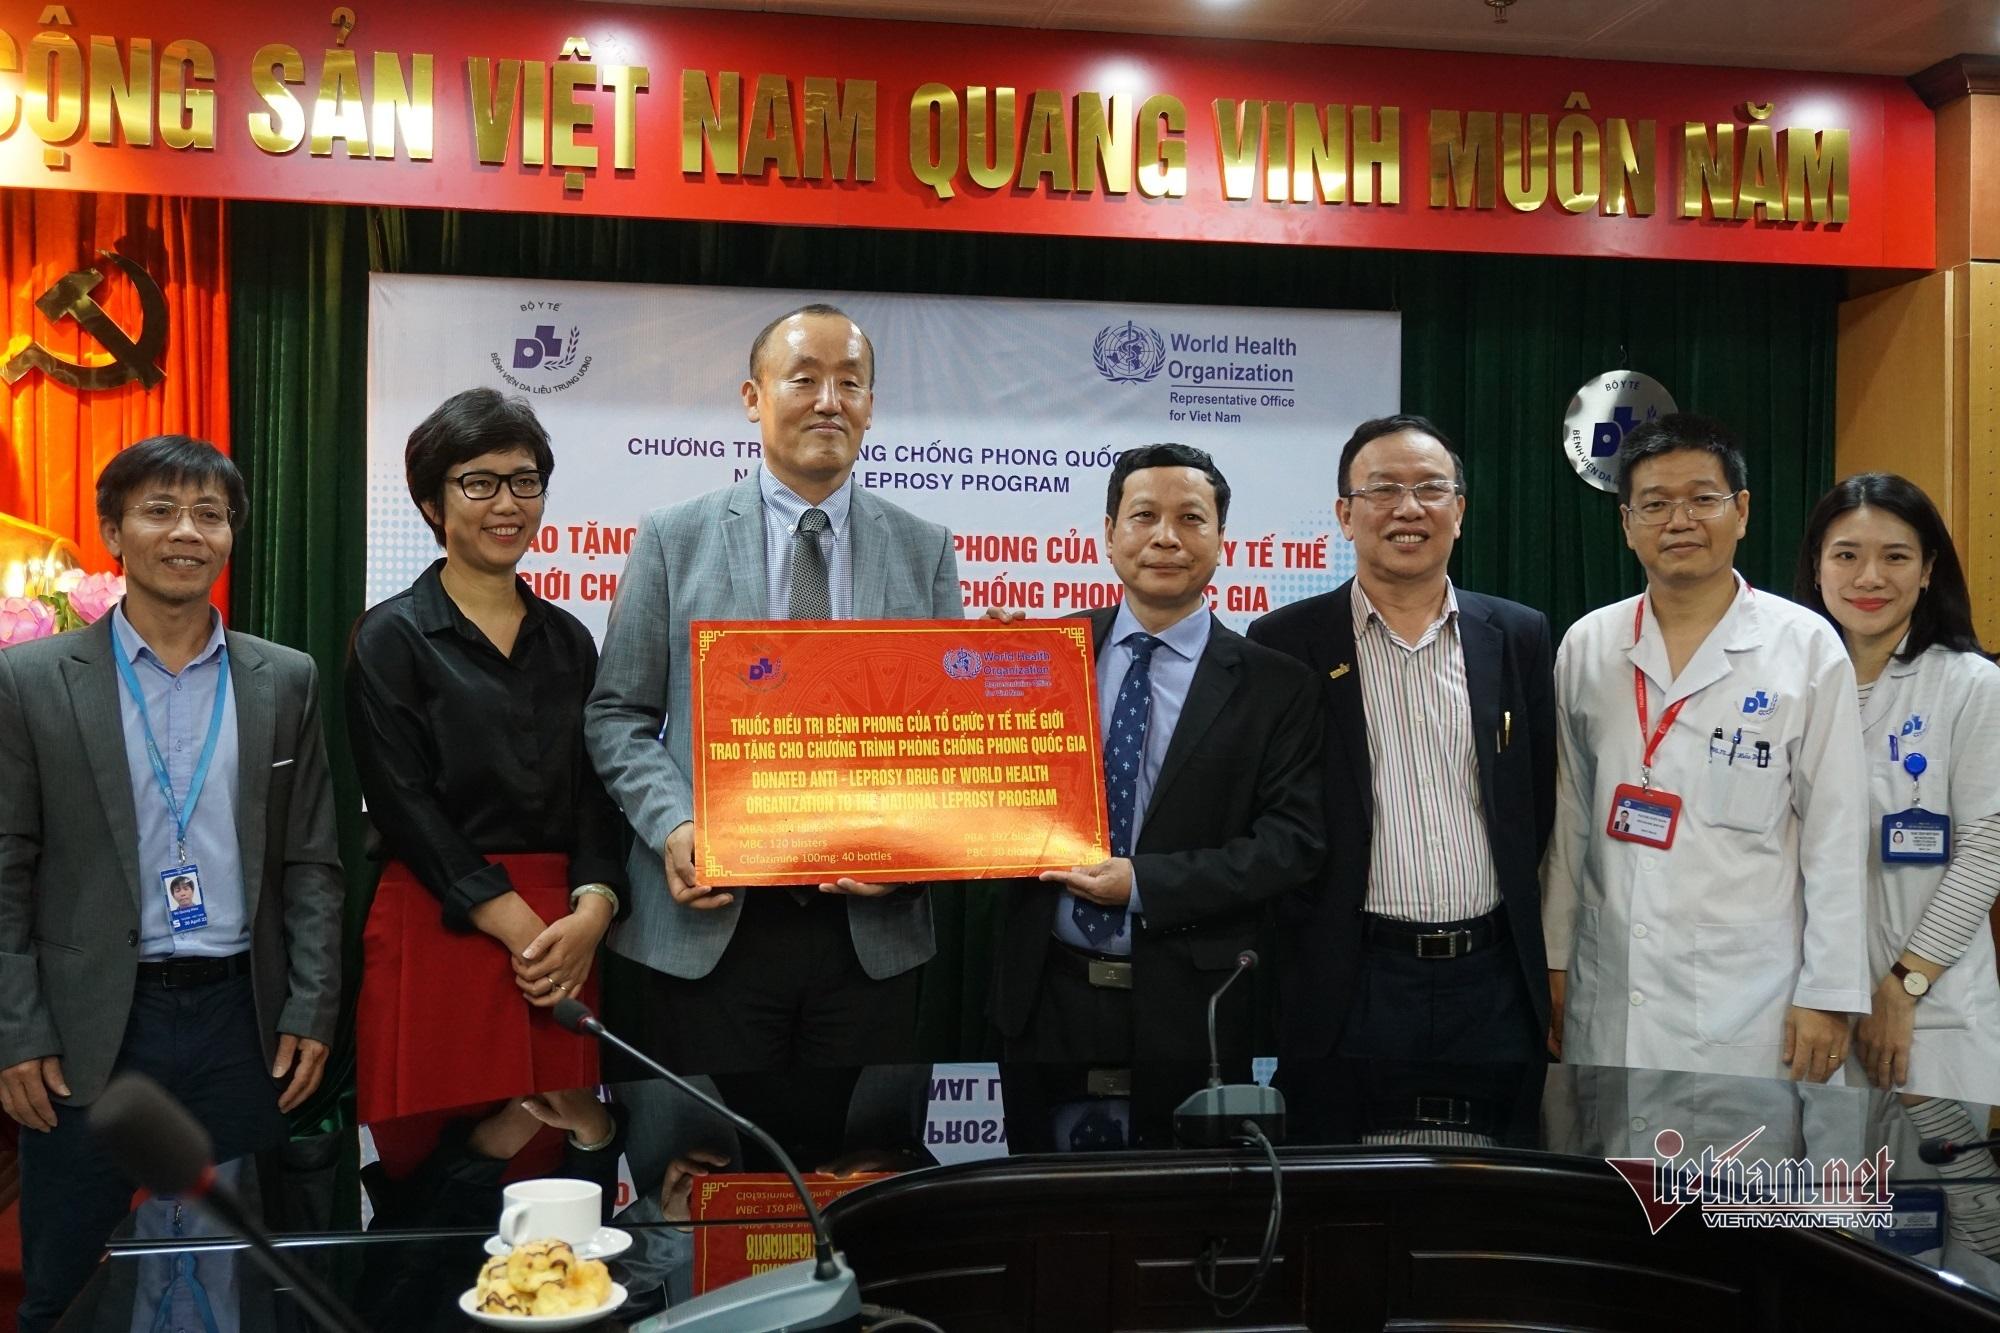 WHO trao tặng thuốc điều trị cho bệnh nhân phong Việt Nam